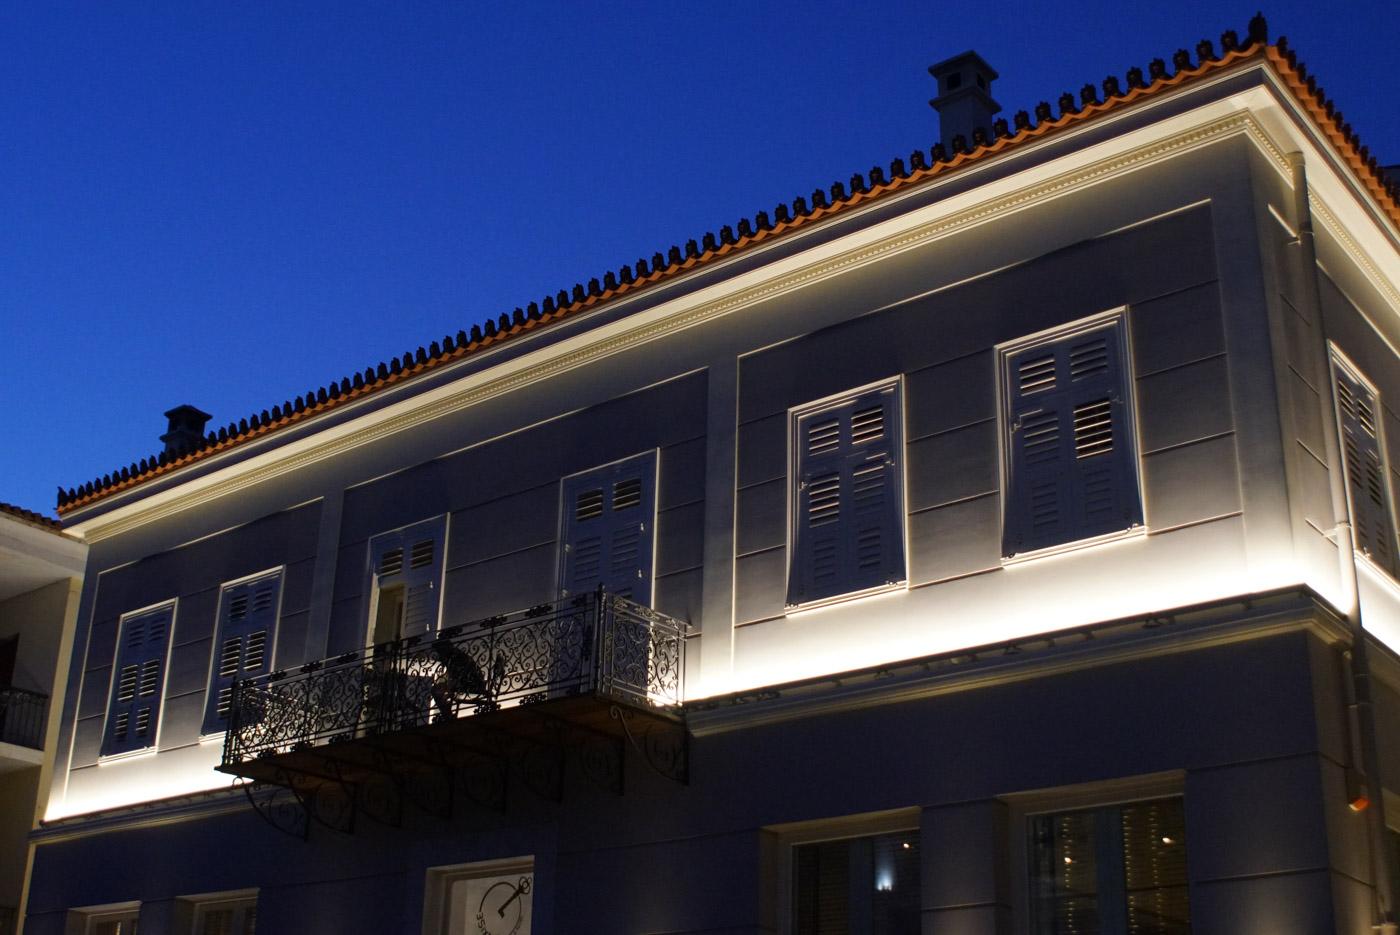 Eine klassizistische zweistöckige Häuserfront die vom ersten Giebel nach oben beleuchtet wird. Der erste Stock liegt im Dunklen der Himmel über dem zweiten ist kobaltblau